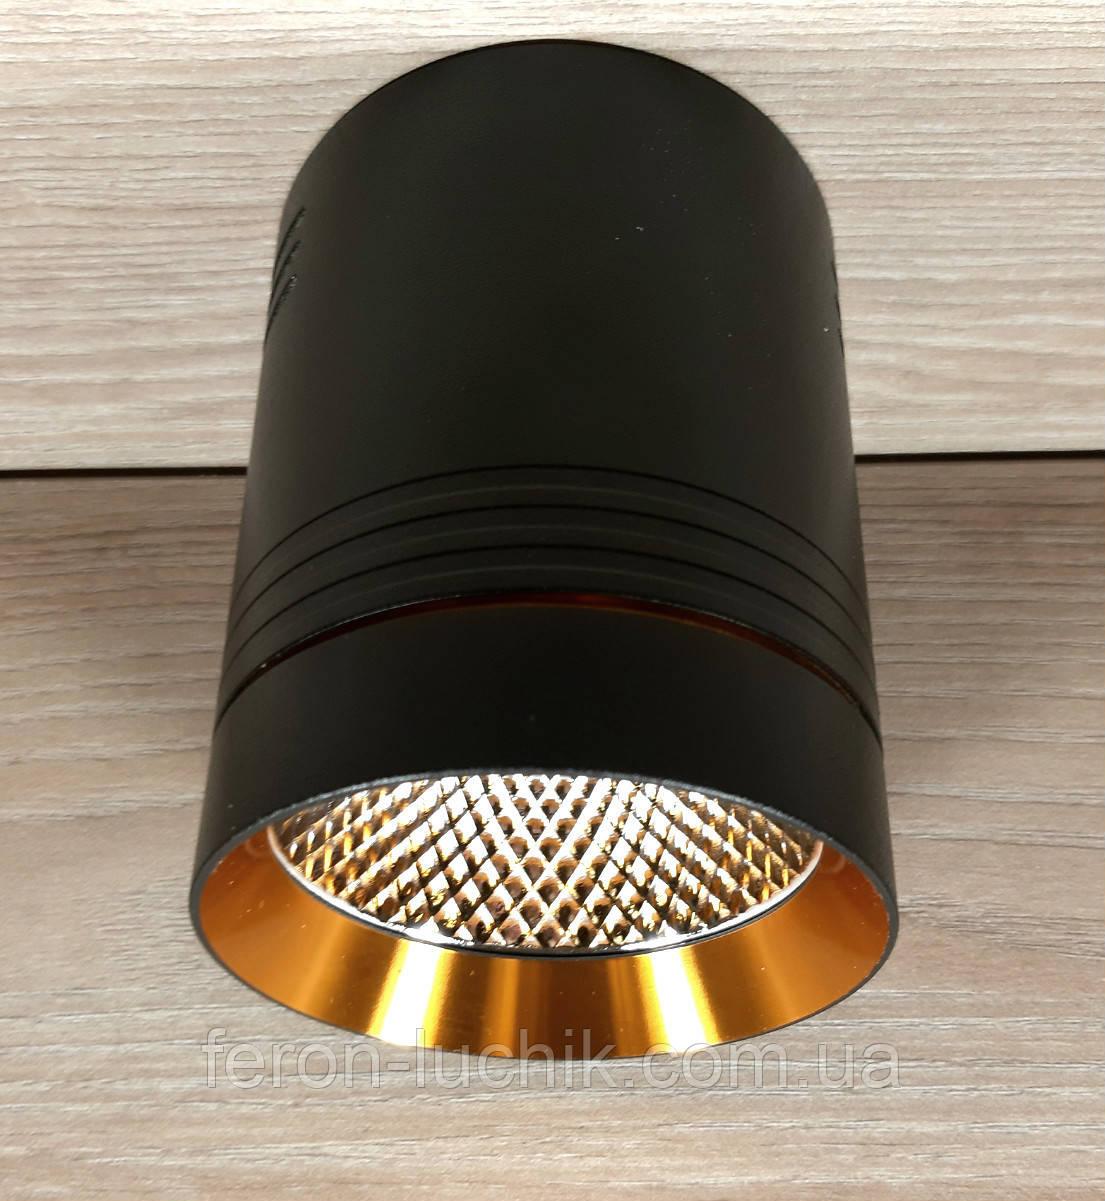 Светильник накладной Feron AL542 10W 4000K 850Lm точечный светодиодный черный+золото